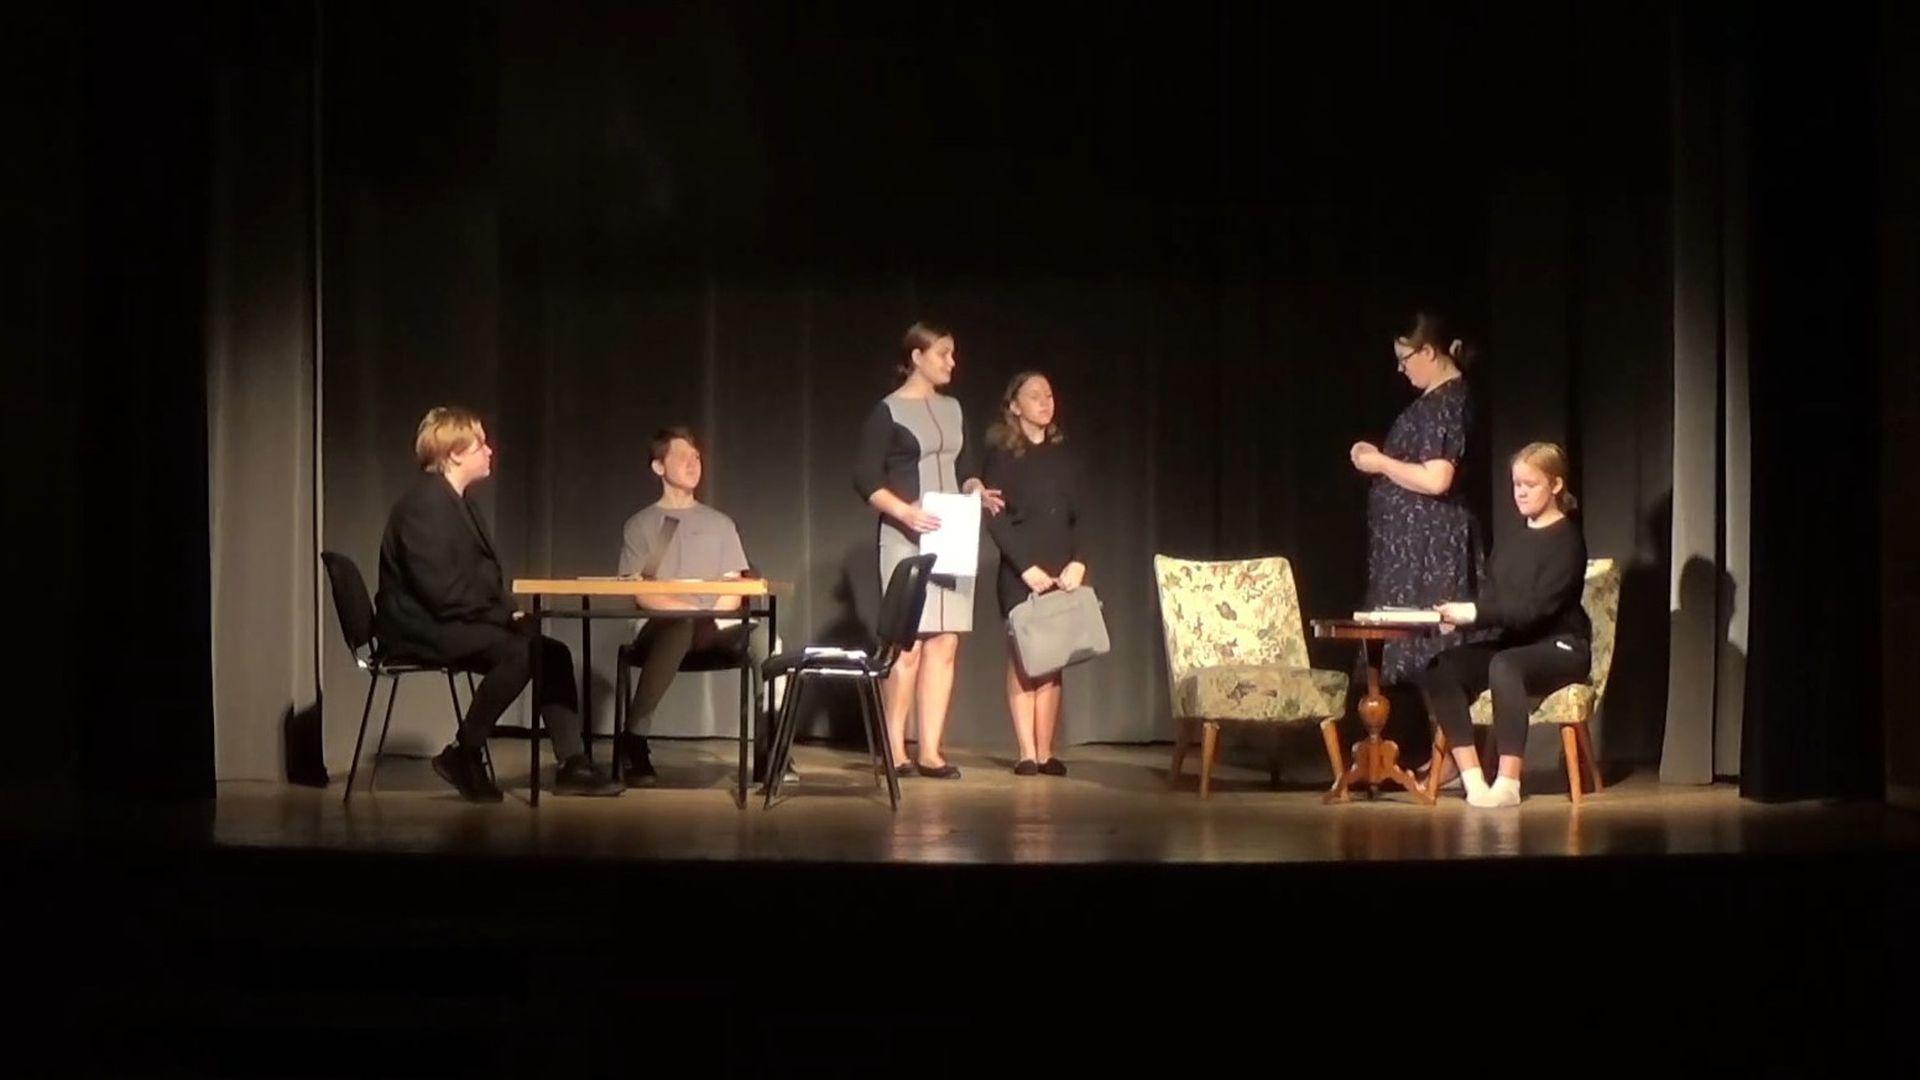 Põhikoolide teatrifestival käib seekord veebis: